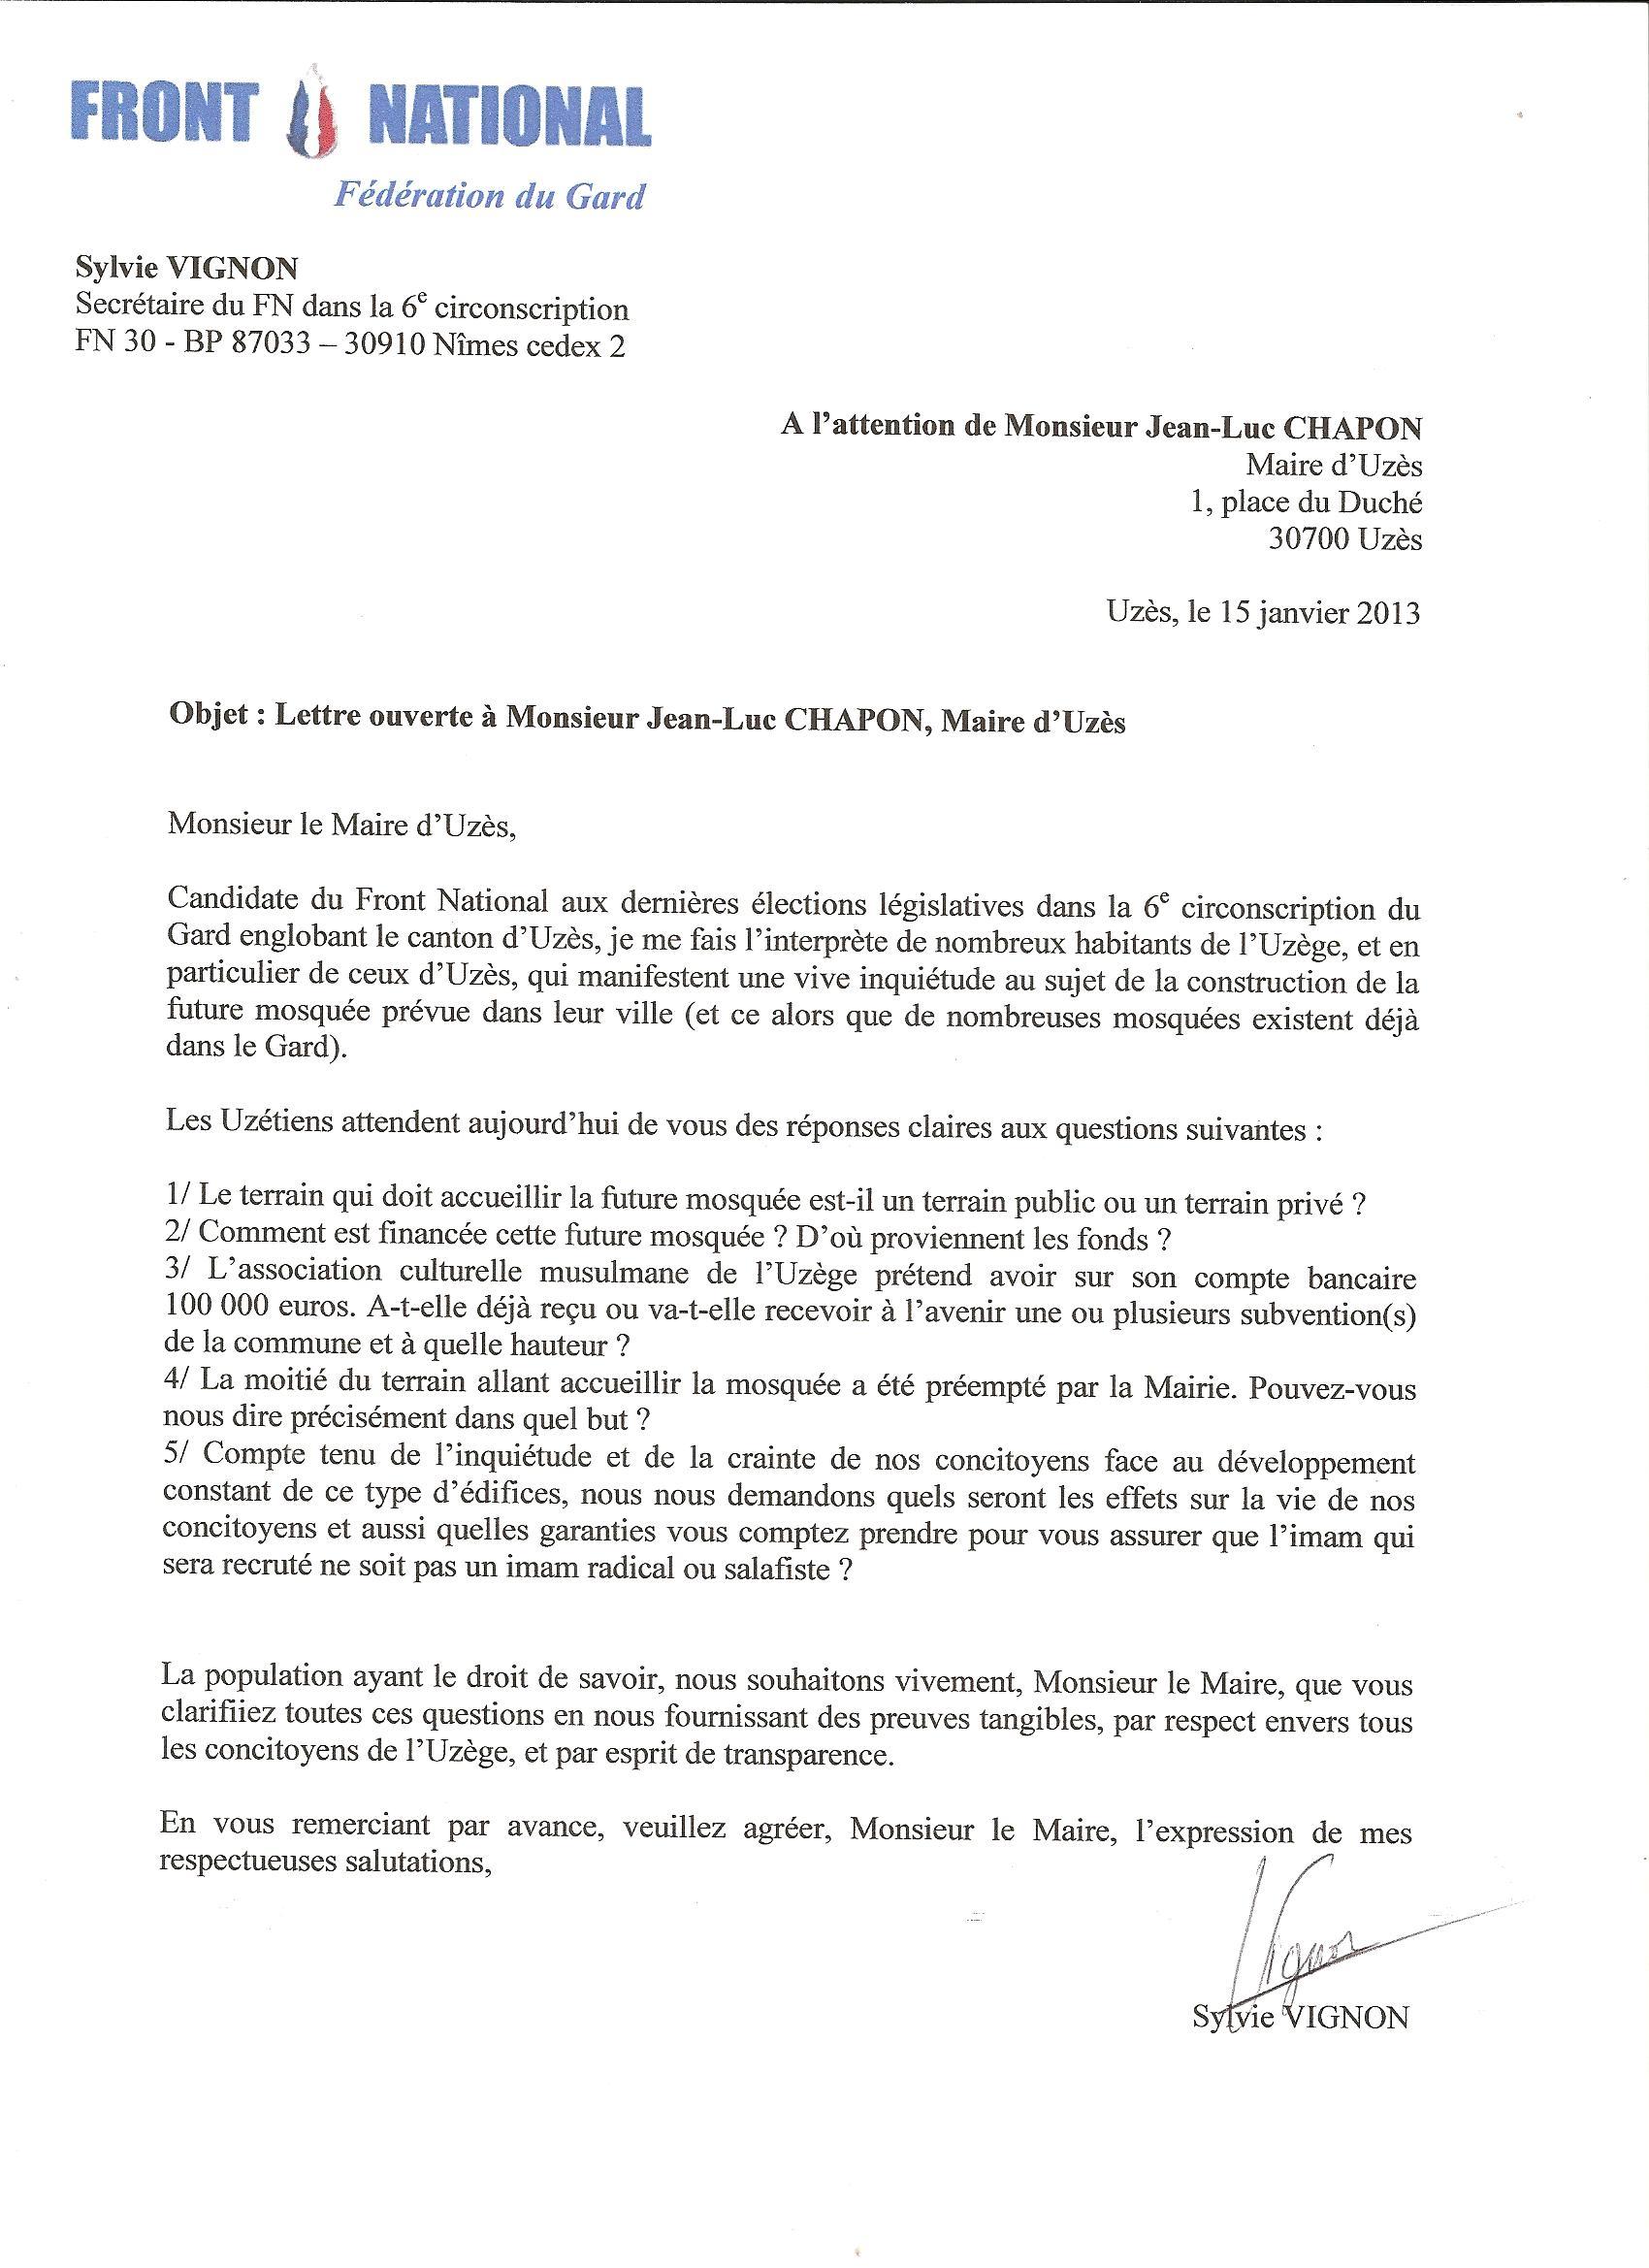 Mosqu 233 E D Uz 232 S Lettre Ouverte De Sylvie Vignon Au Maire